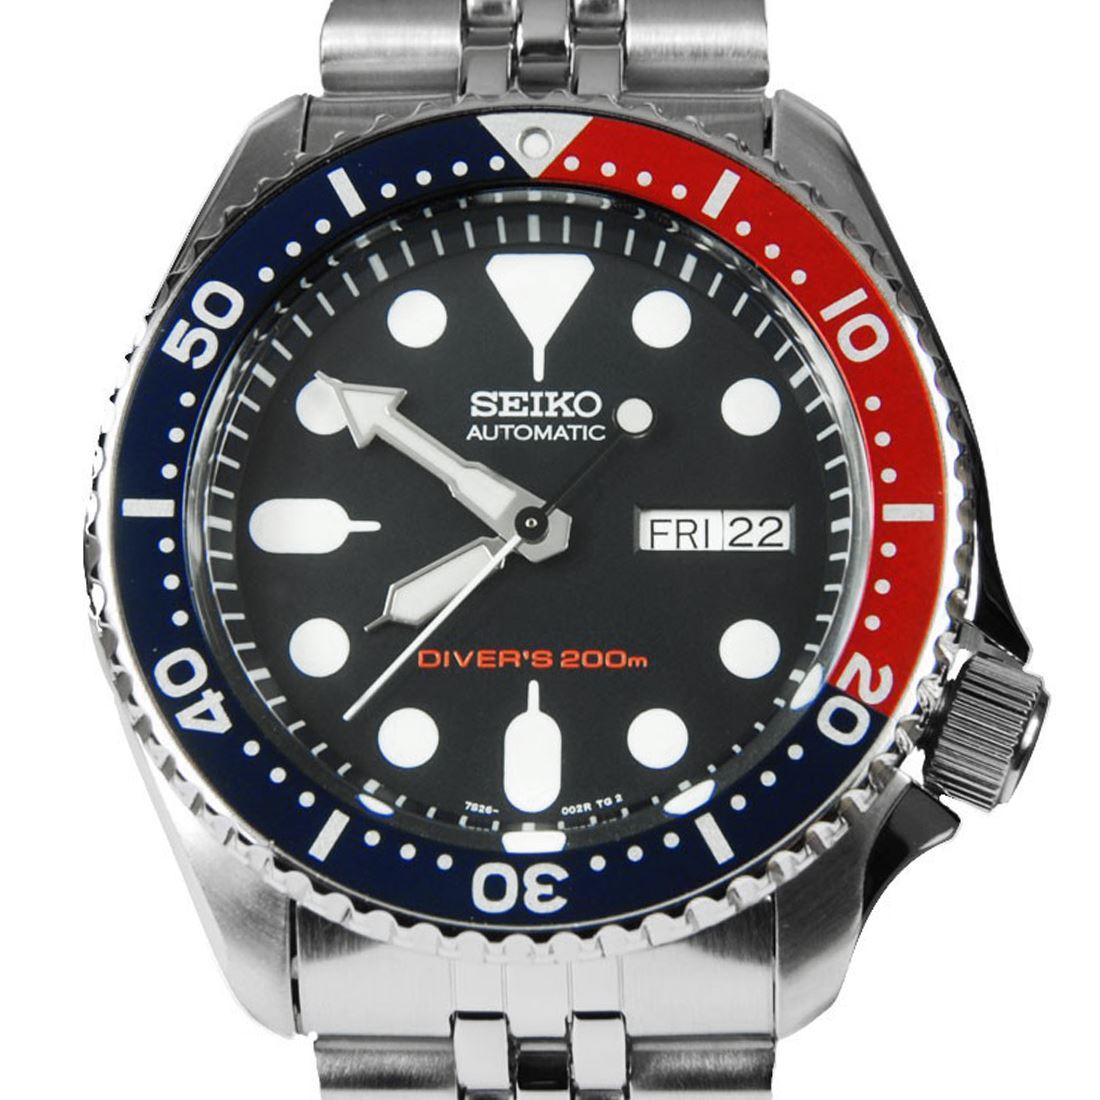 TOP-SELLING-Seiko-SKX009-SKX009J1-SKX009J2-SKX009K1-SKX009K2-Pepsi-Dive-Watch thumbnail 30